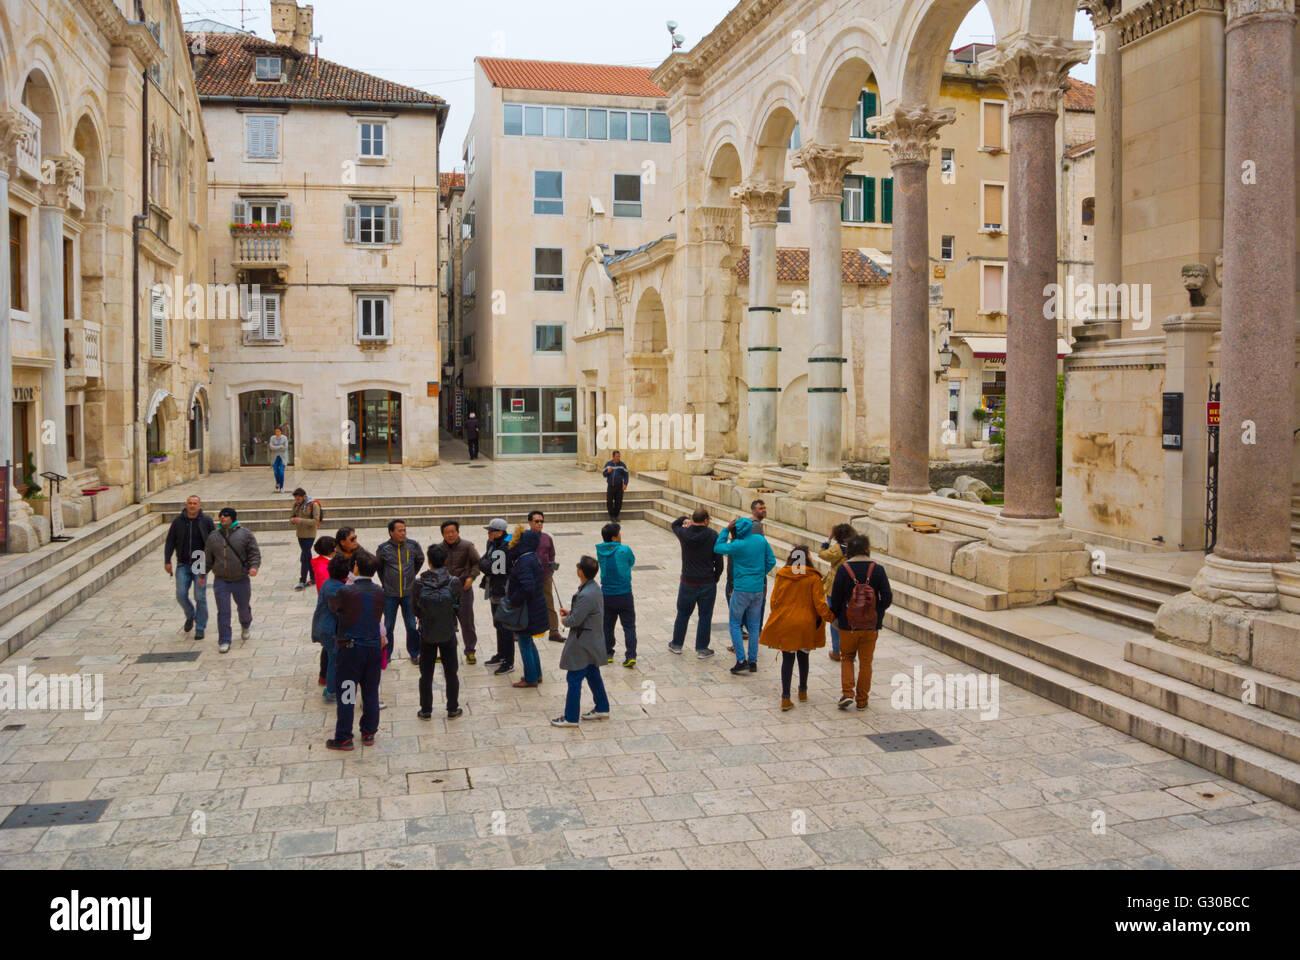 Peristil, Peristyle, main square of the palace area, Grad, old town, Split, Dalmatia, Croatia - Stock Image